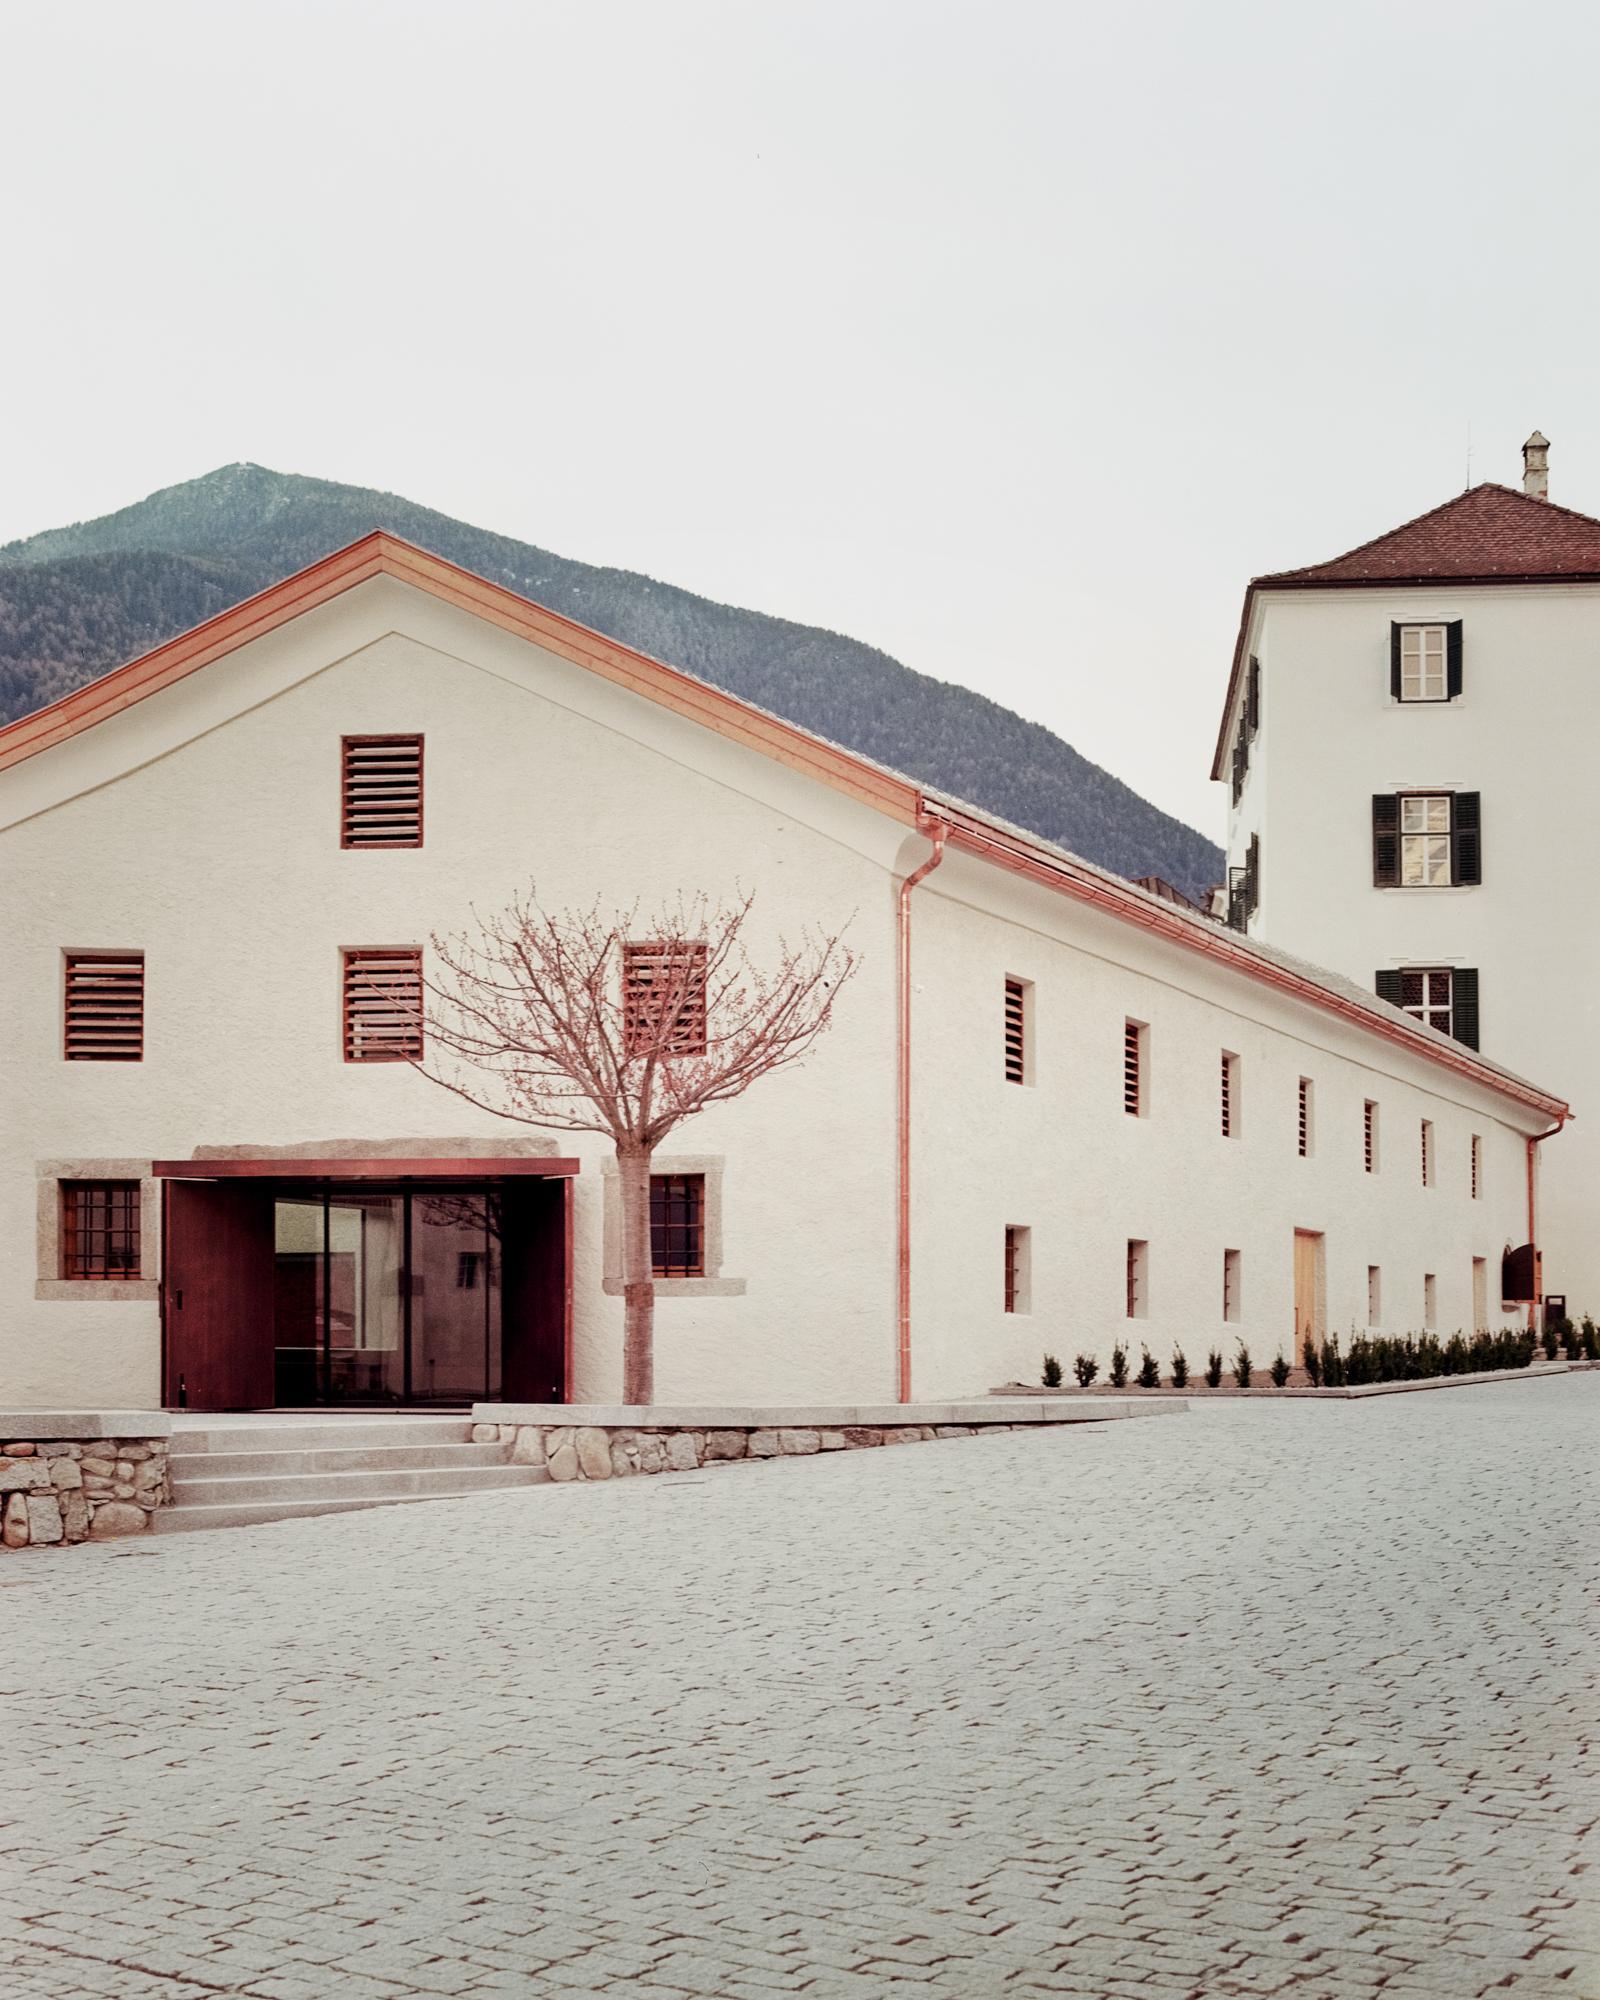 2_Novacella Abbey Museum Addition_MoDusArchitects ©Simone Bossi